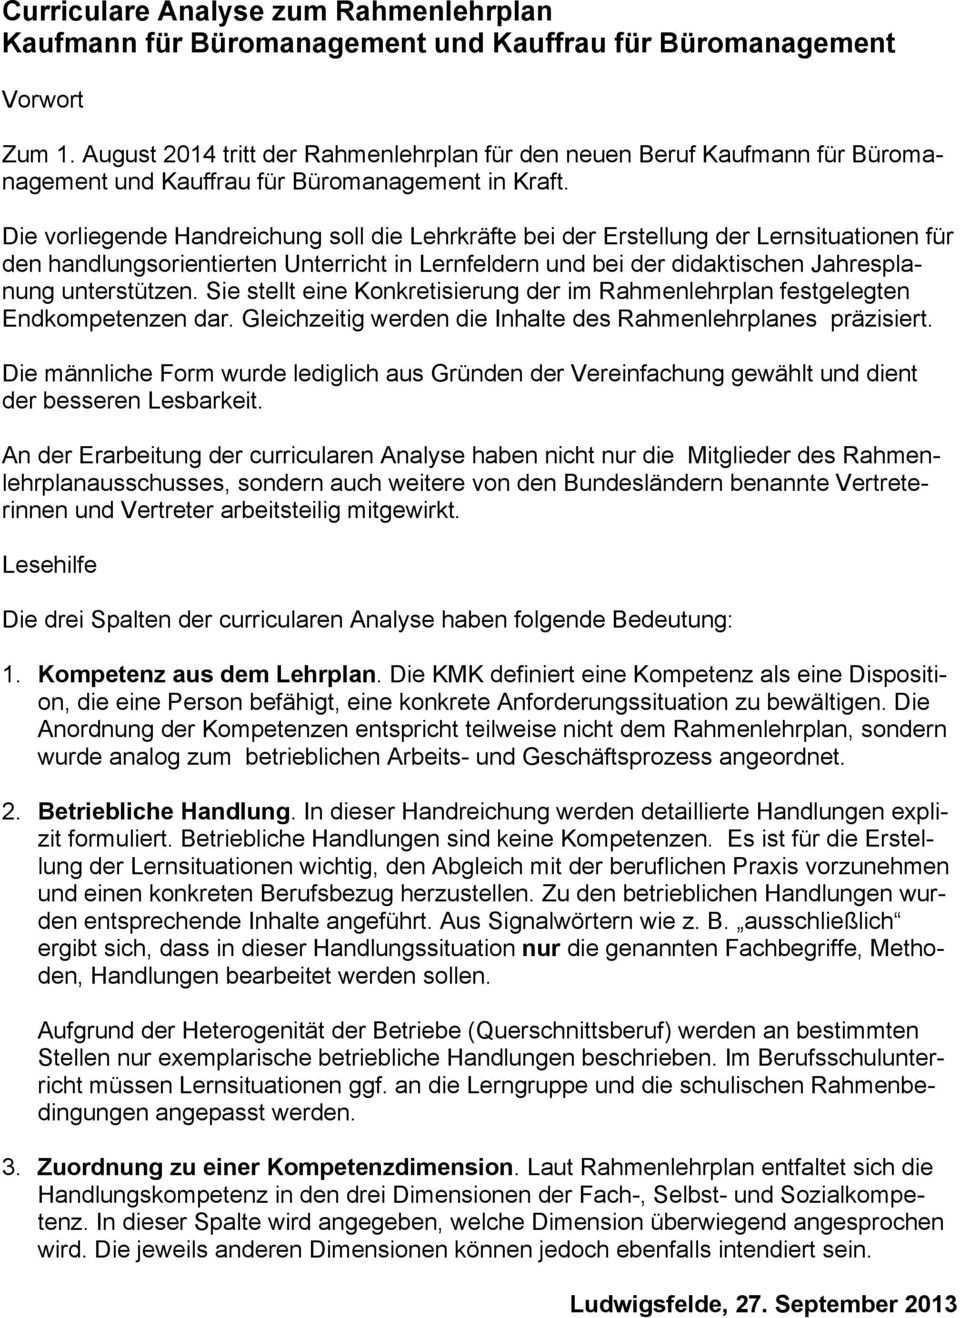 Curriculare Analyse Zum Rahmenlehrplan Kaufmann Fur Buromanagement Und Kauffrau Fur Buromanagement Pdf Free Download